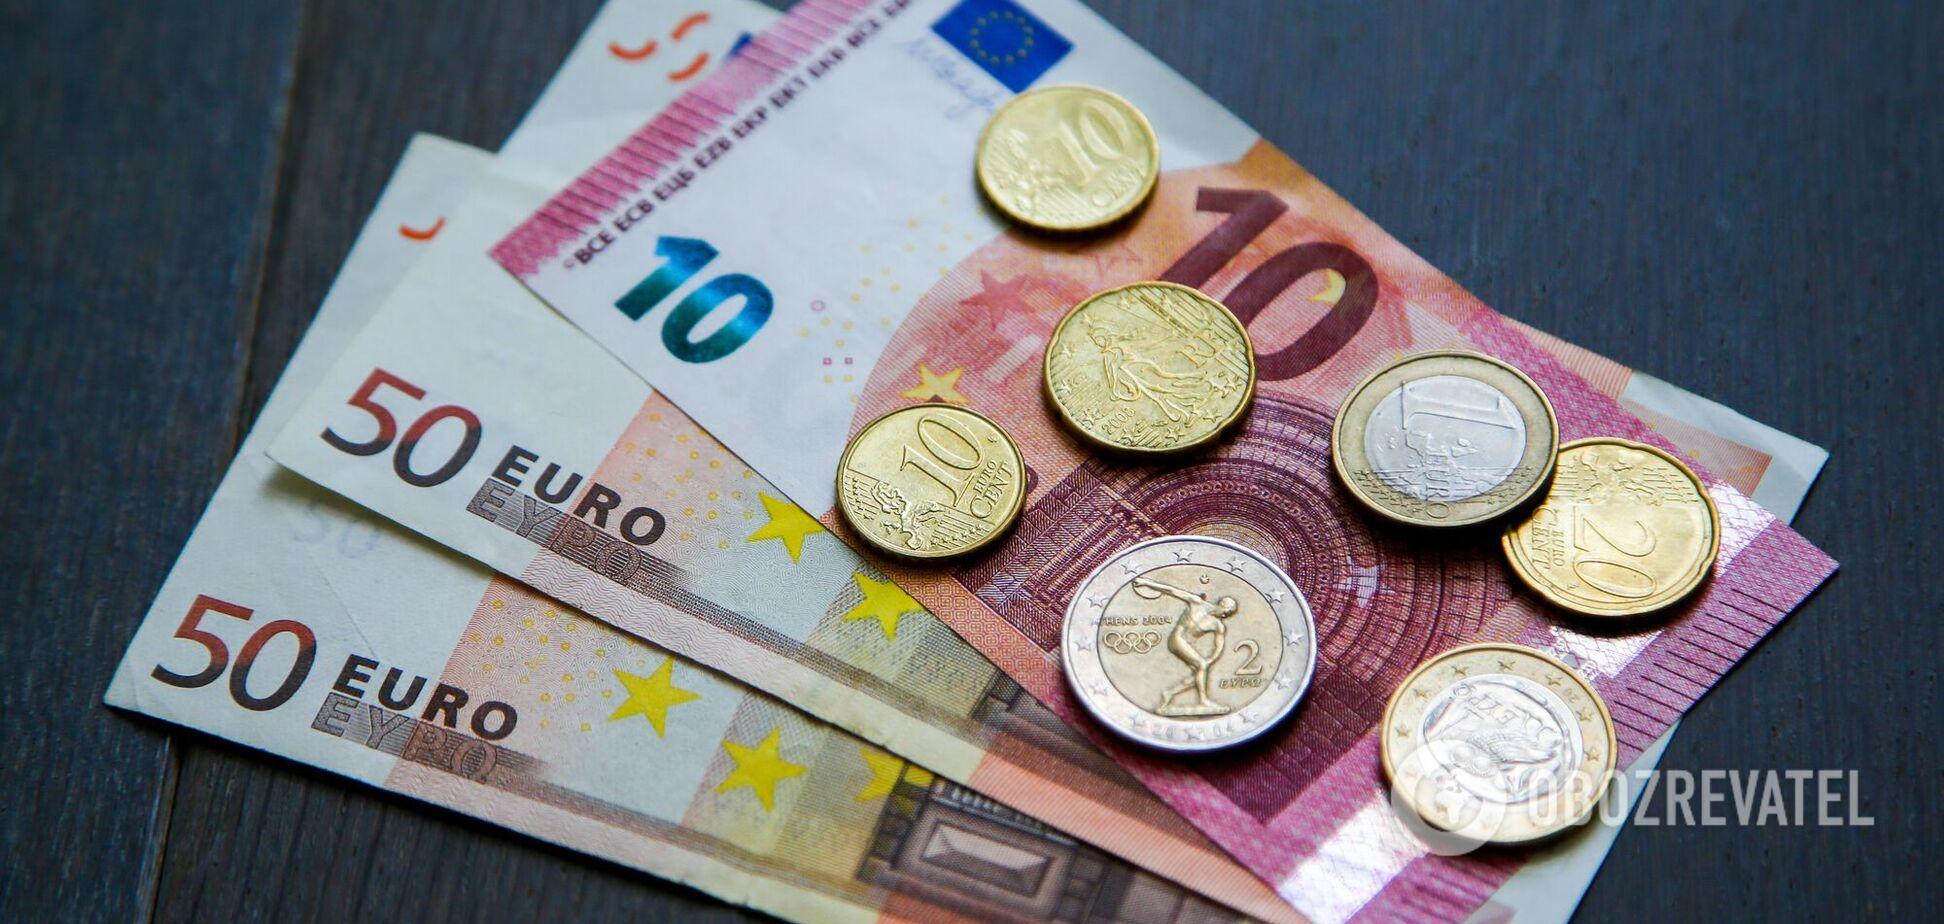 Курс евро в Украине подскочил до максимума за 2 года